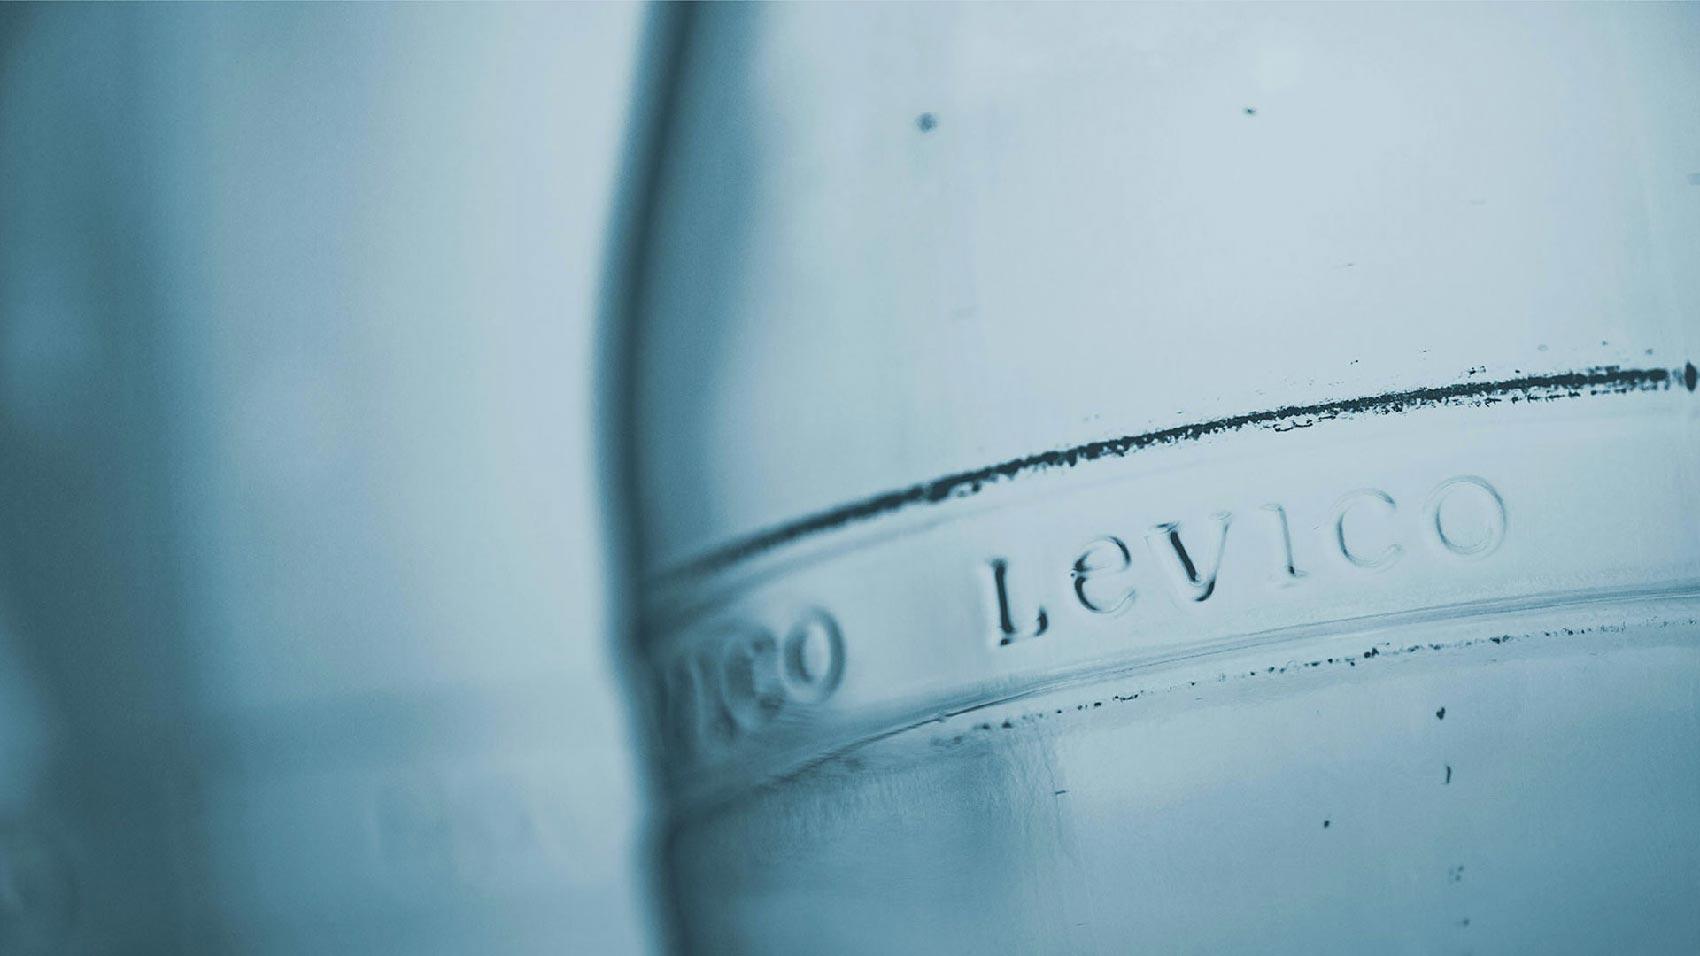 Levico acqua minerale trentino vetro a rendere